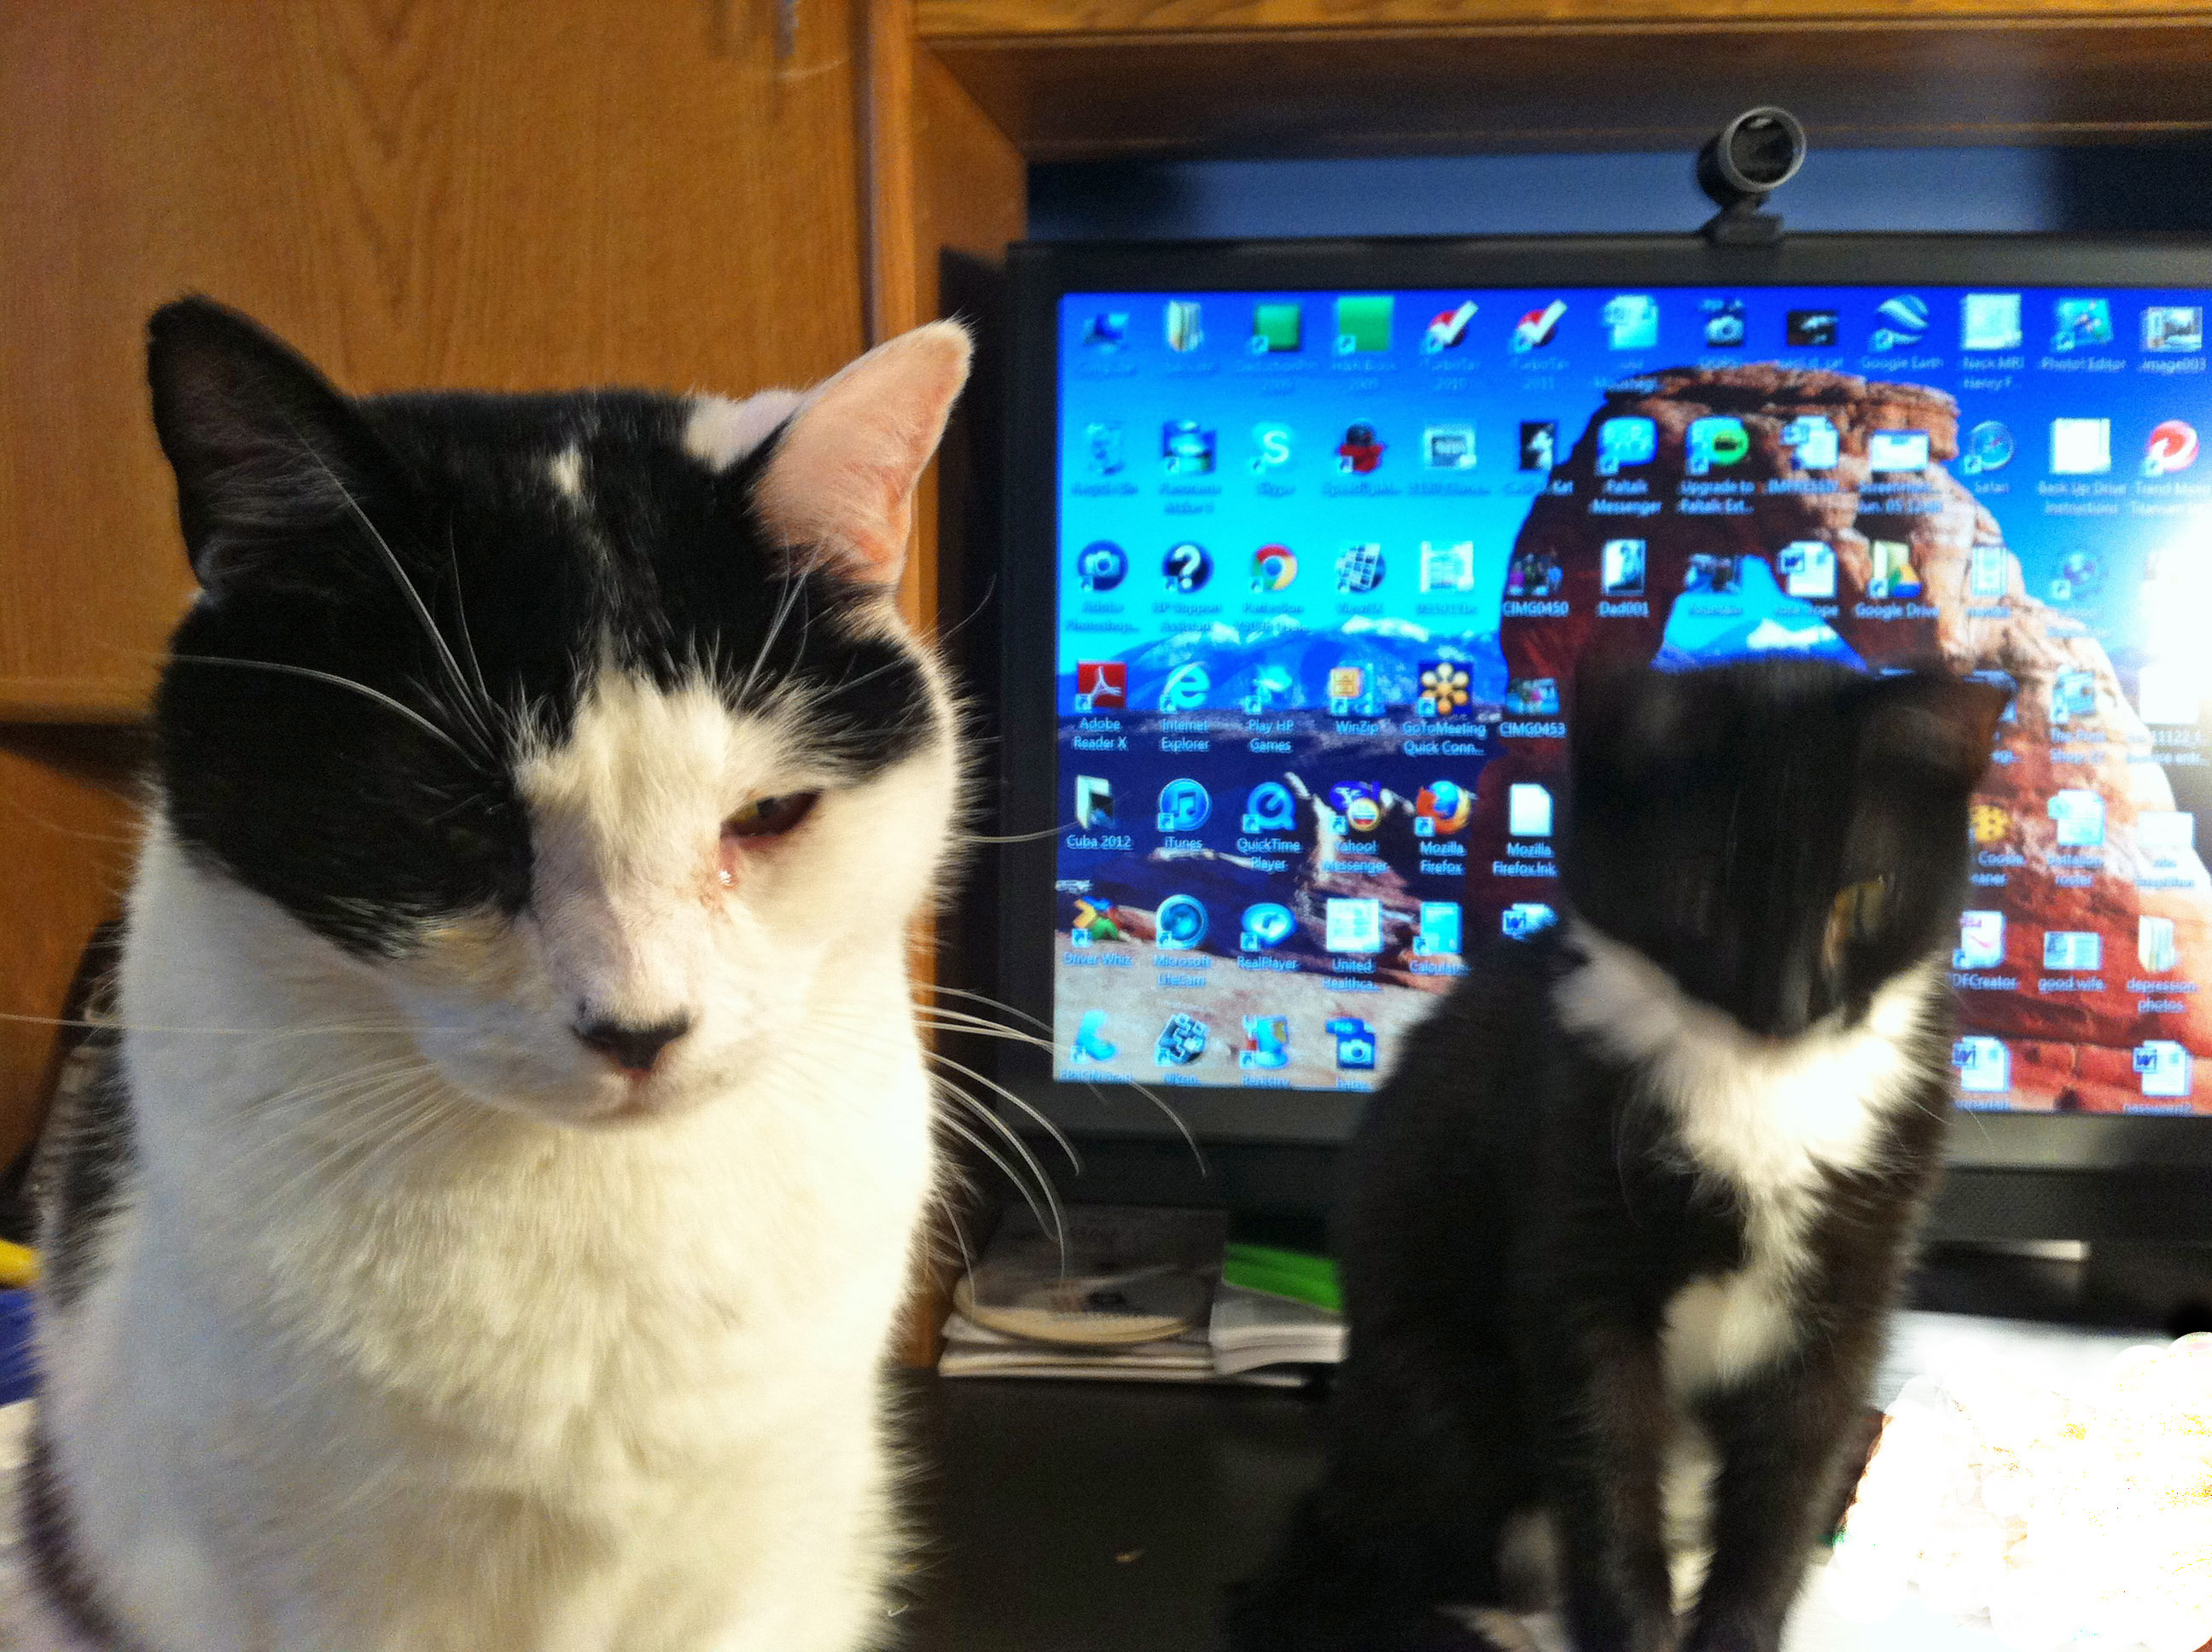 ca0628fb24120505adbc_cats.jpg